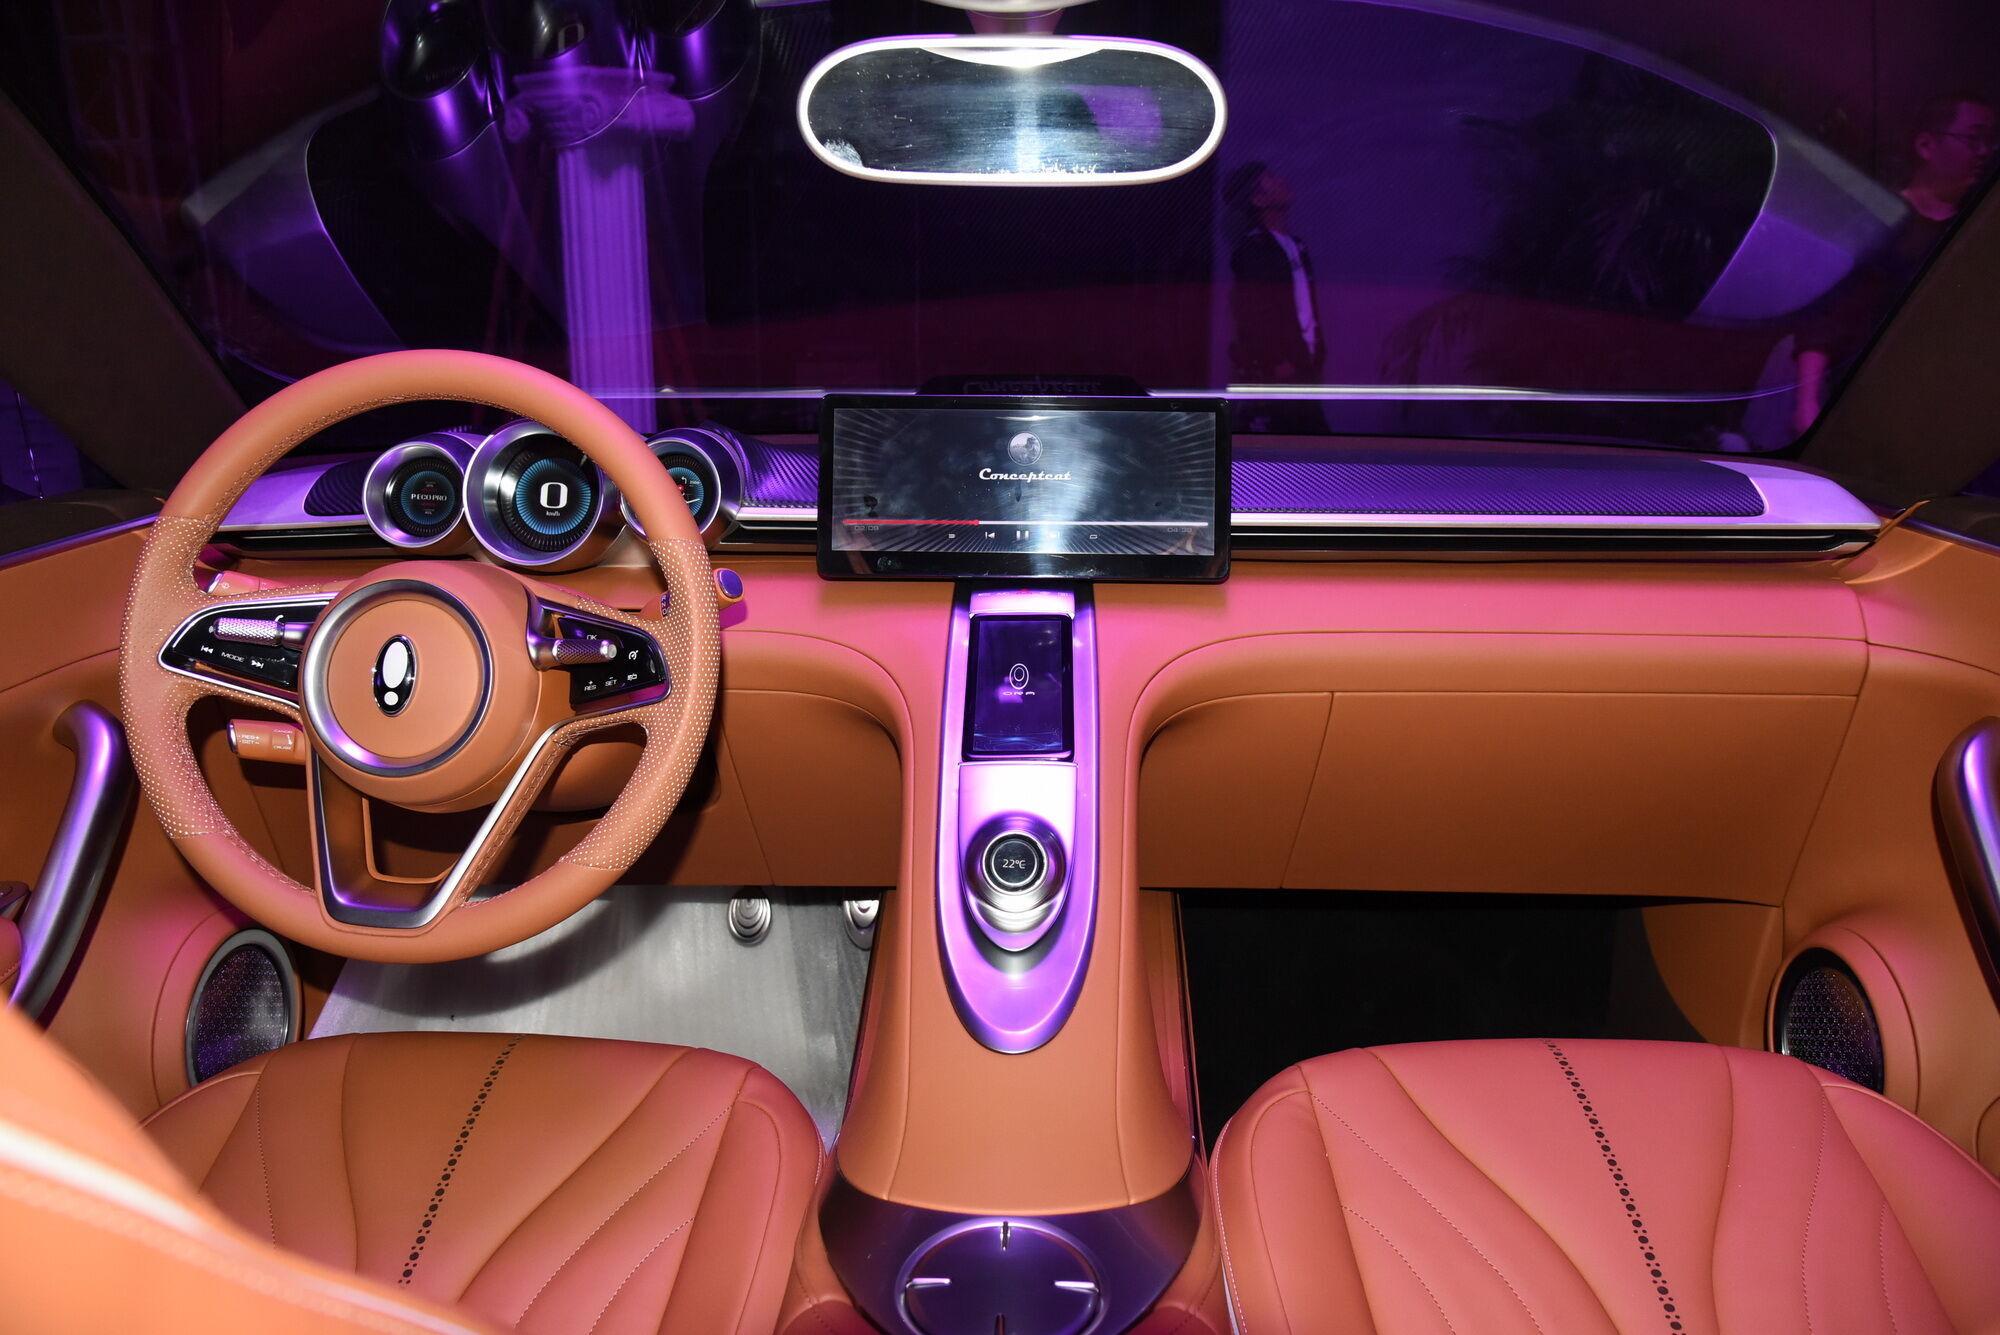 Характерный цвет отделочных материалов, форма трехспицевого руля и ковшеобразные кресла – очень явные отсылки к Porsche